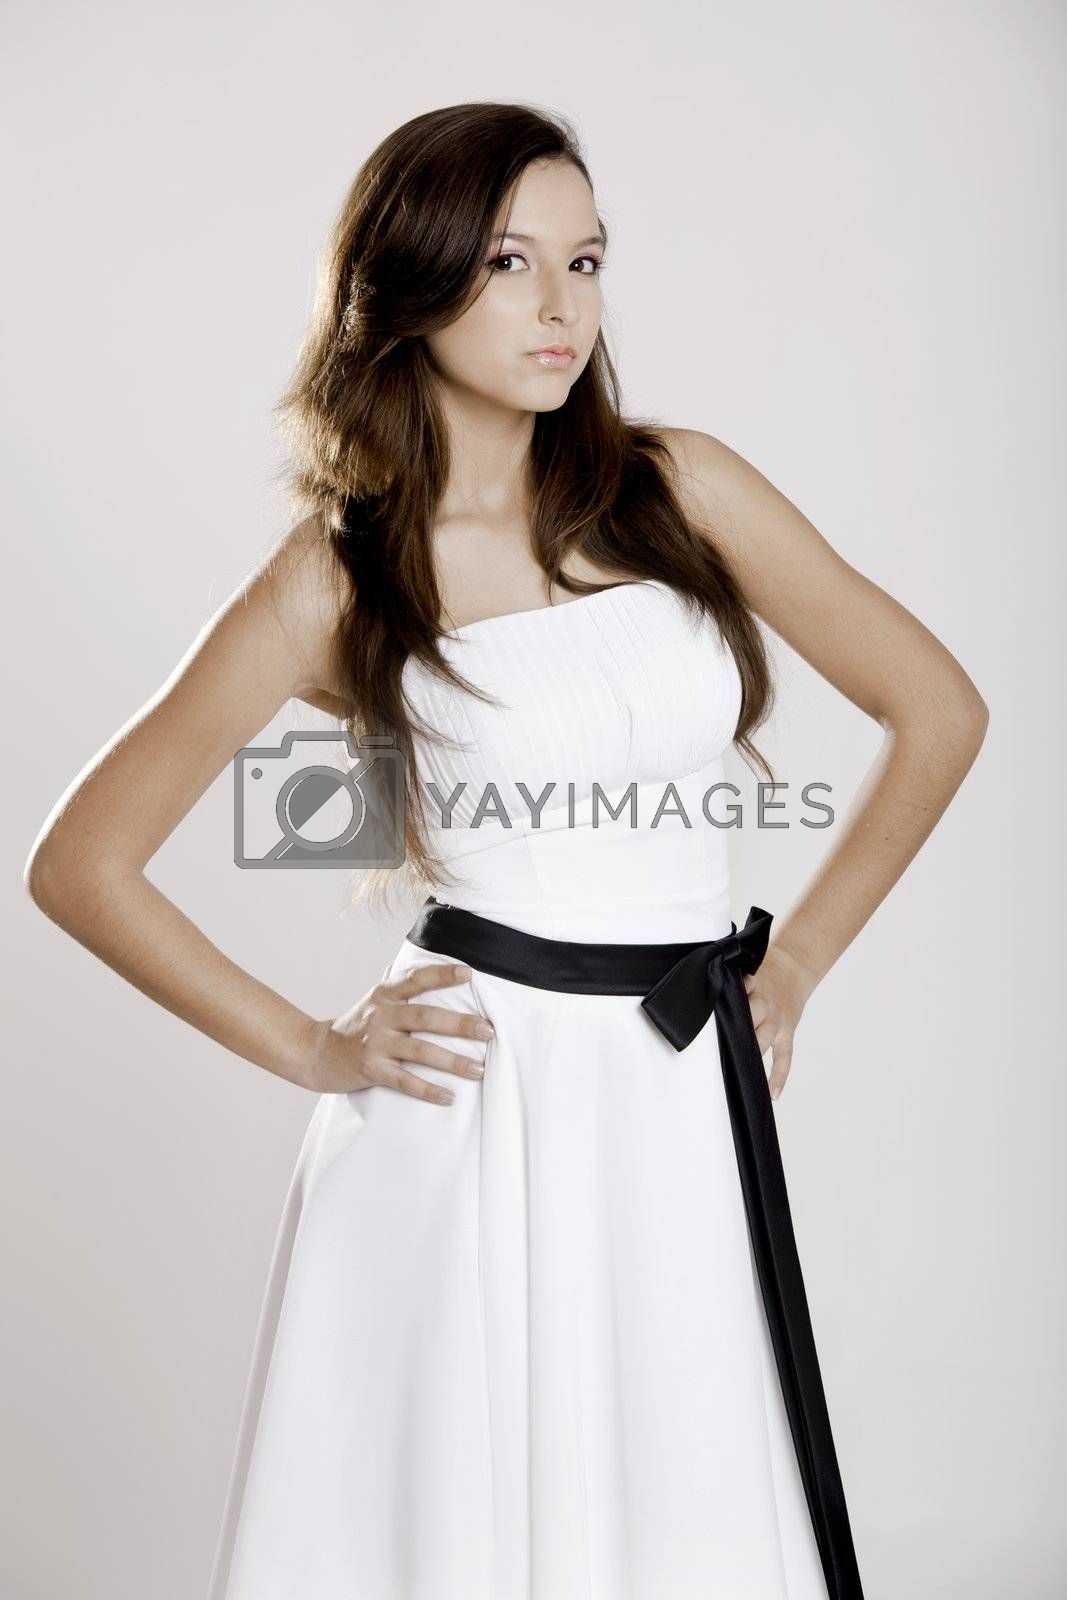 Beautiful and sexy woman wearing a wonderful white dress